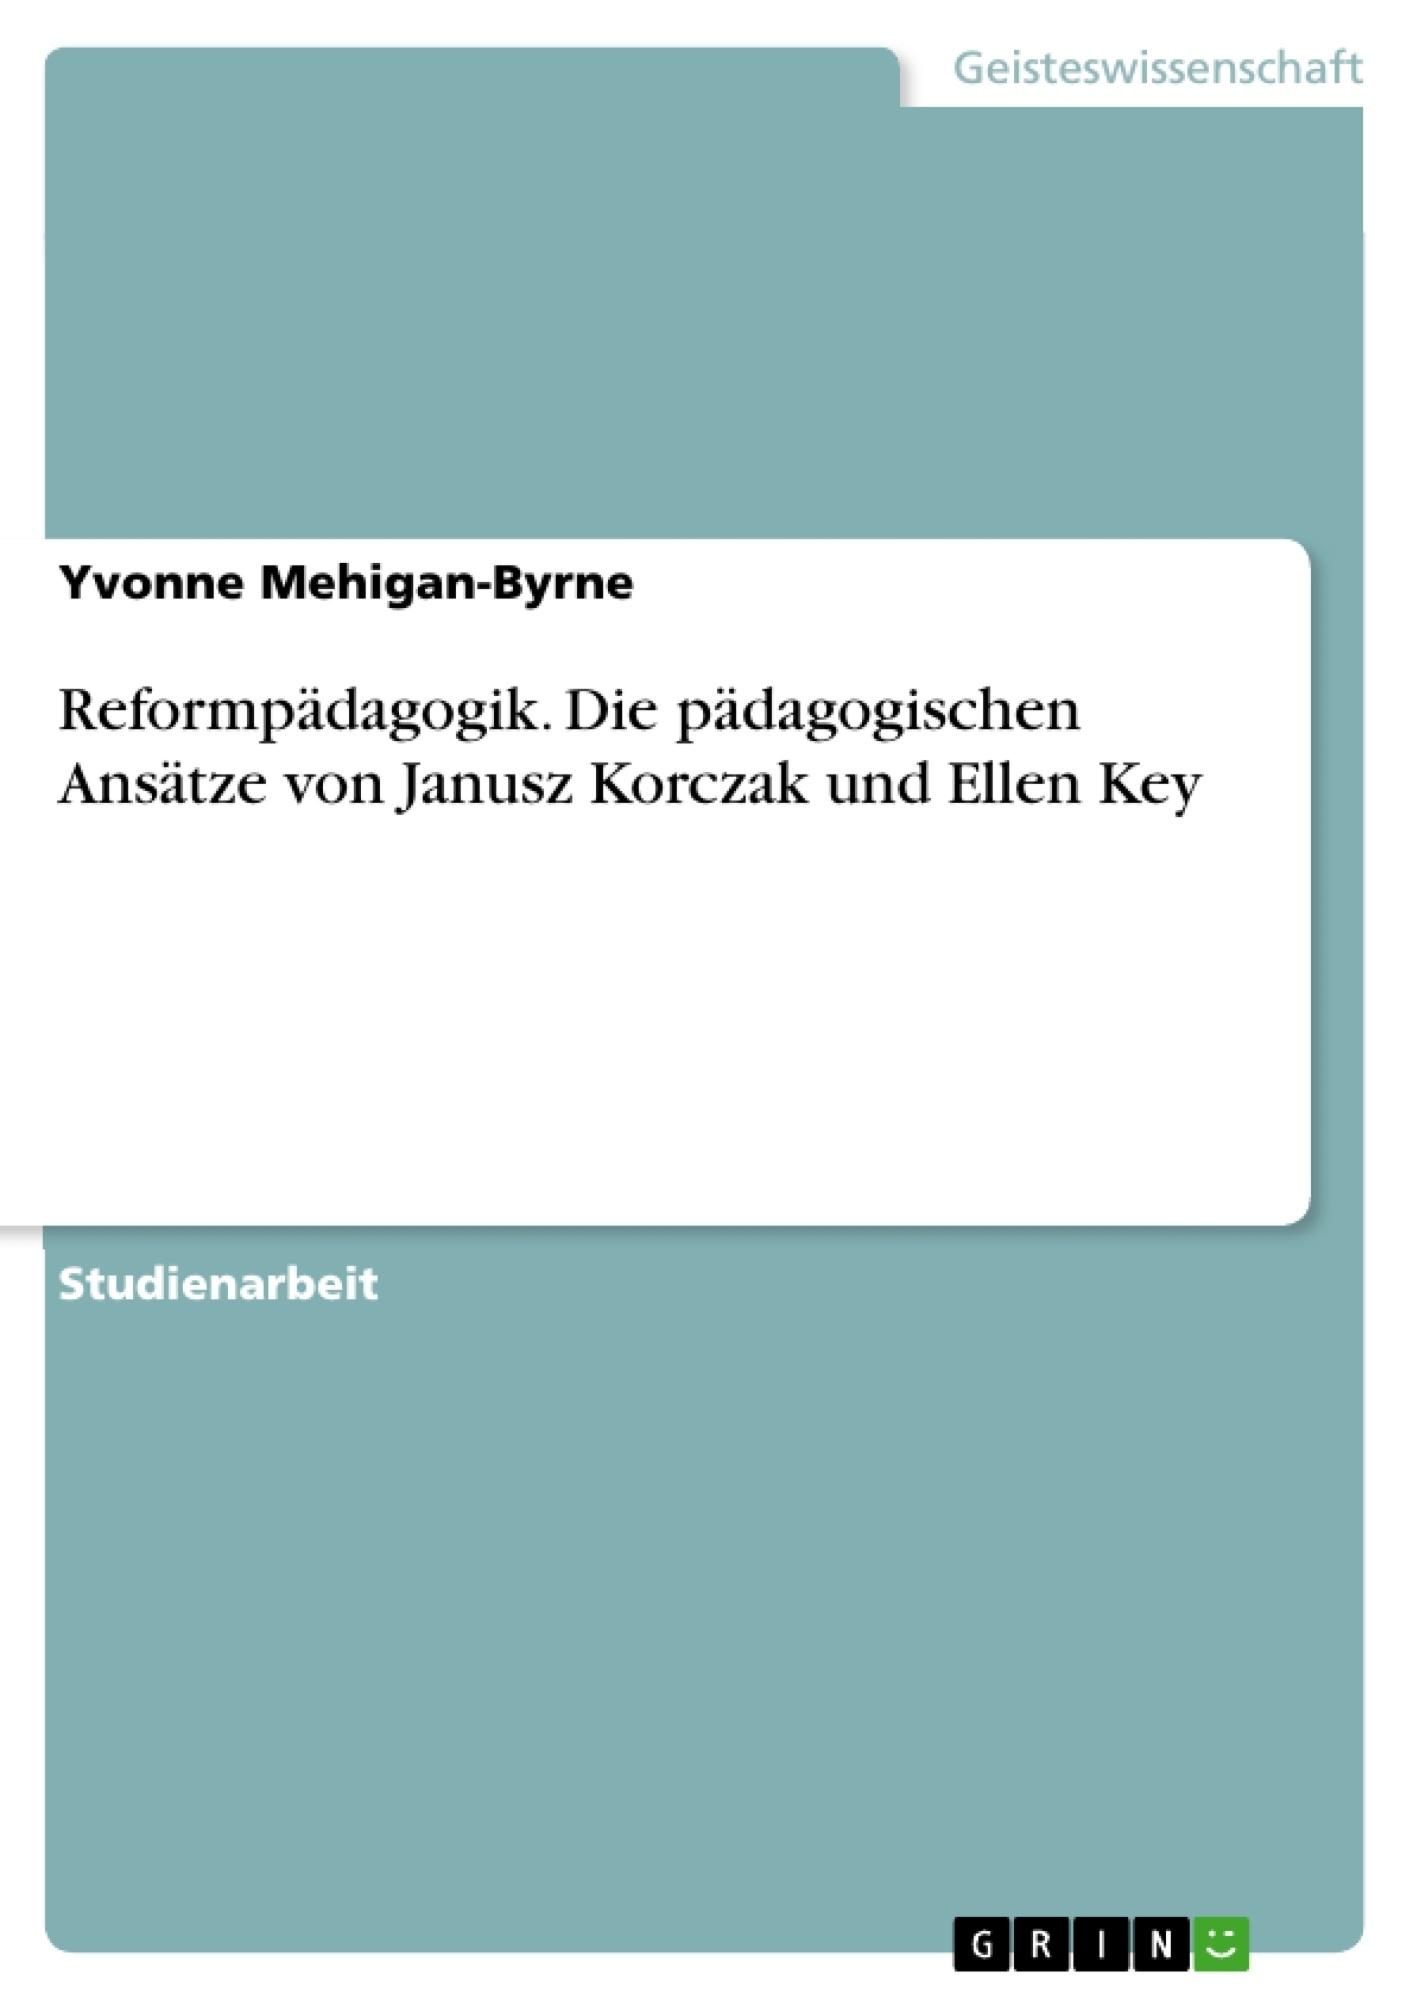 Titel: Reformpädagogik. Die pädagogischen Ansätze von Janusz Korczak und Ellen Key